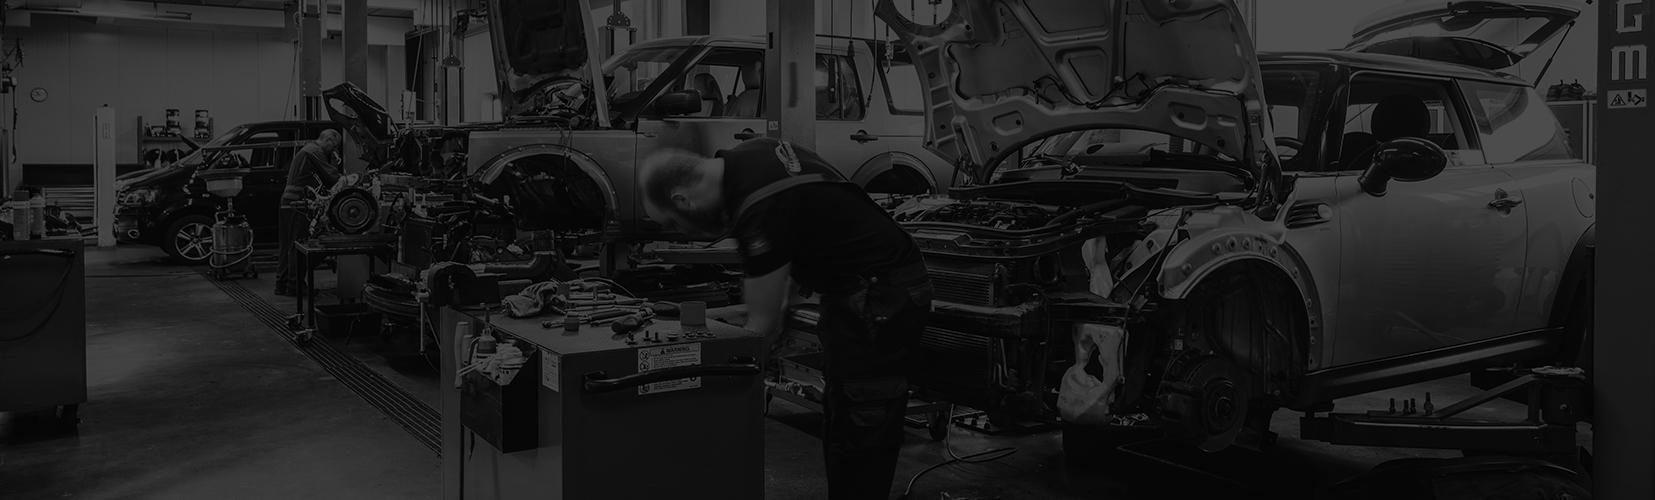 1ste/2e Automonteur